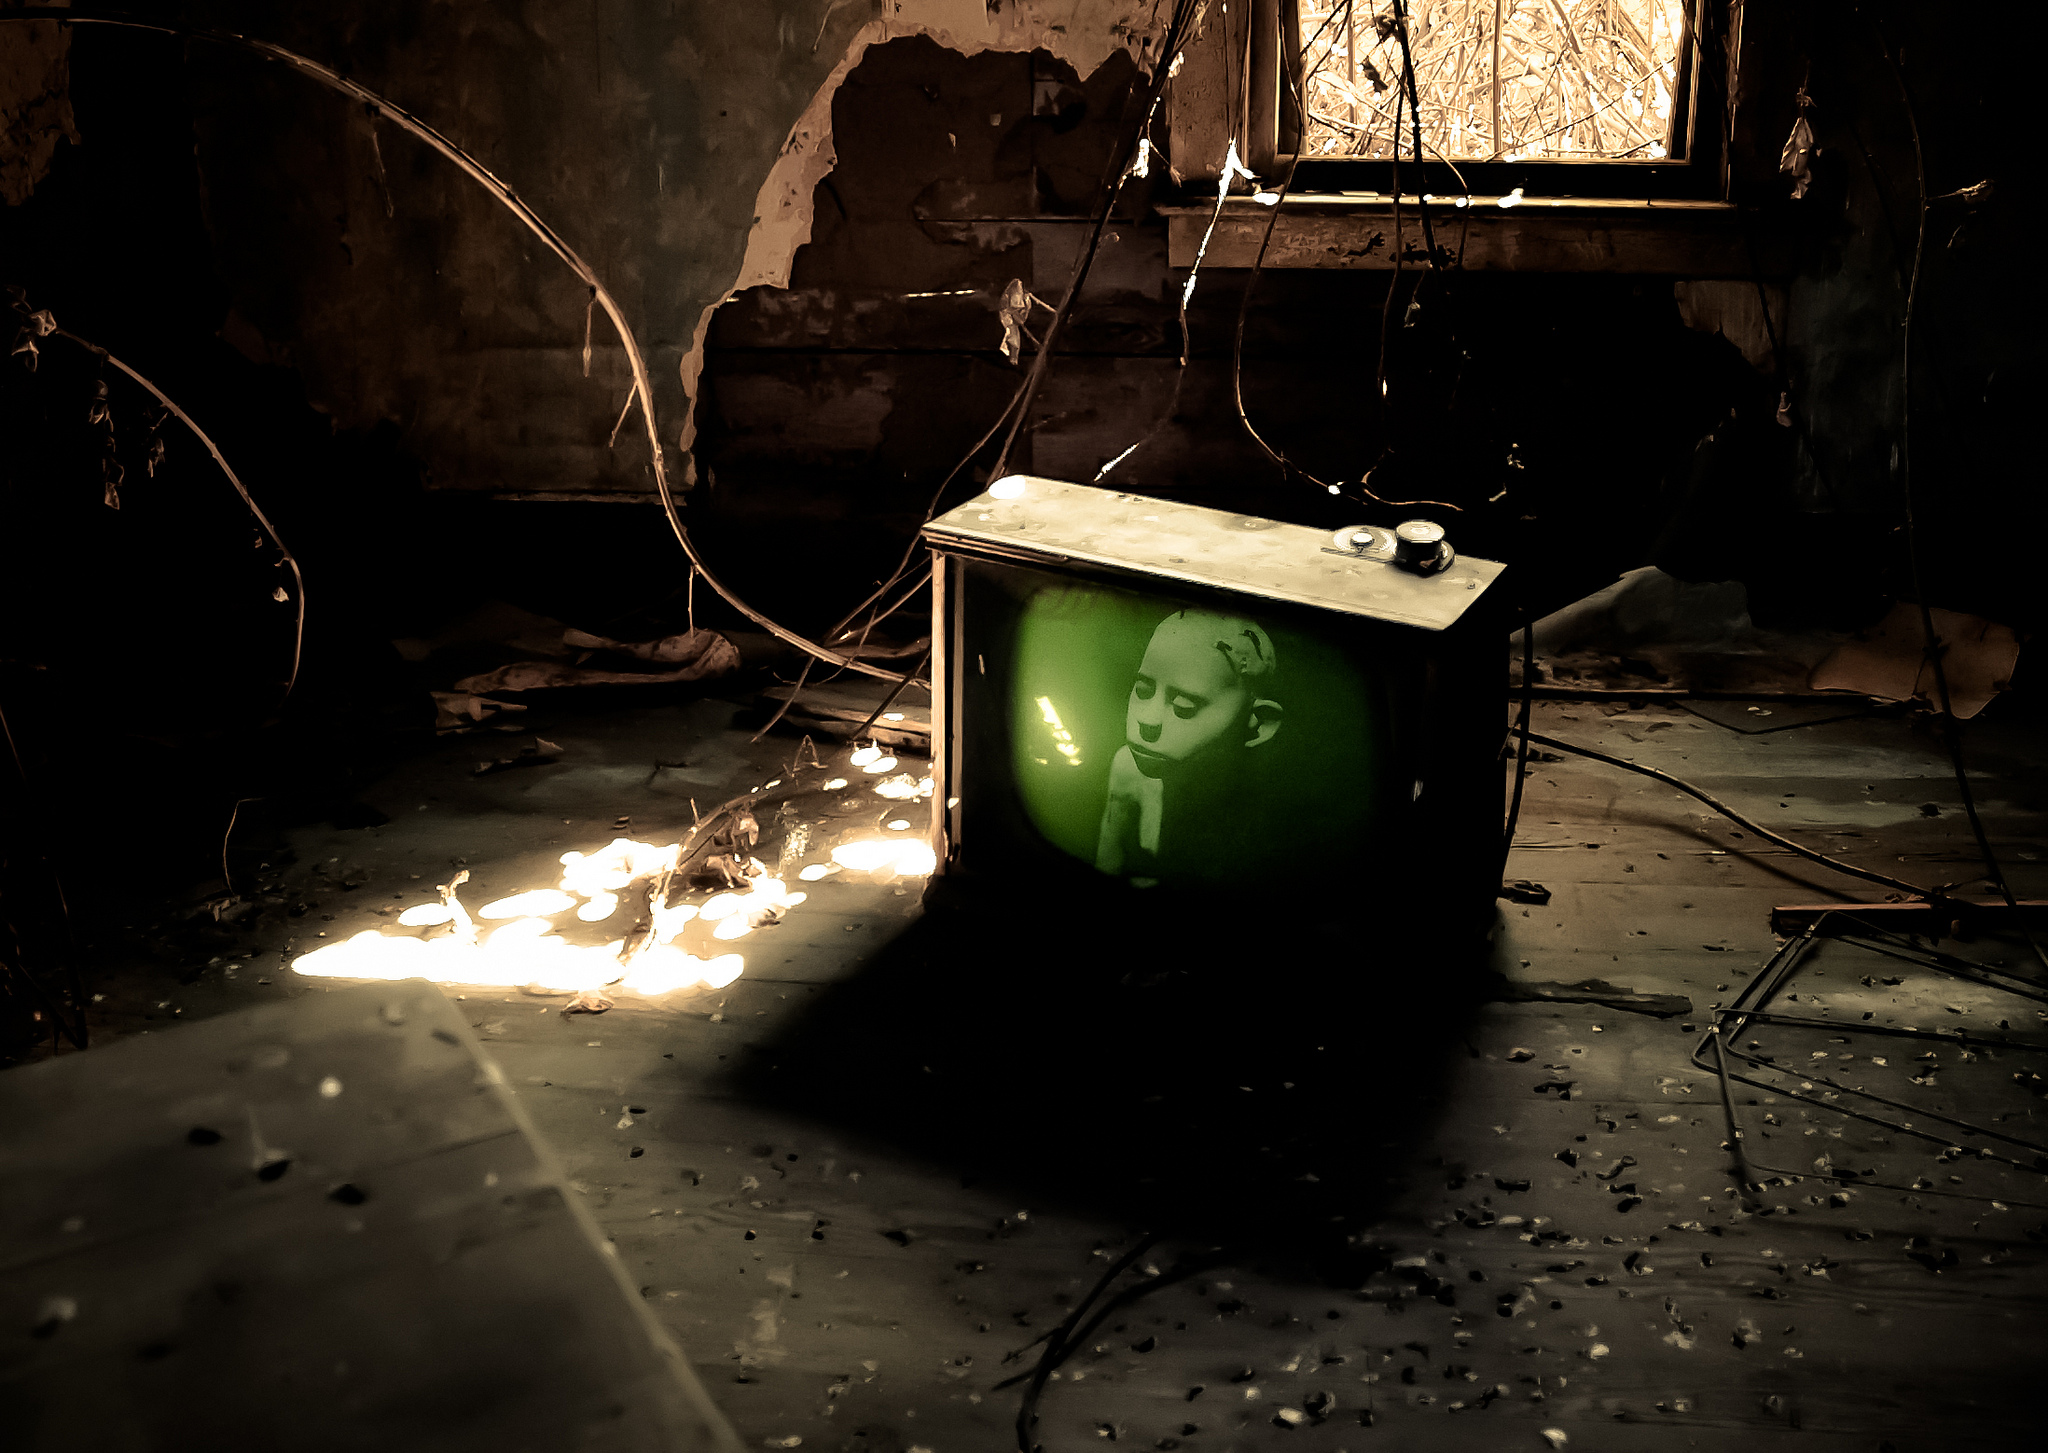 Γιώργος Πλειός: «Να μην πέσει μαύρο ή κρατικό χρήμα στην τηλεοπτική αγορά»